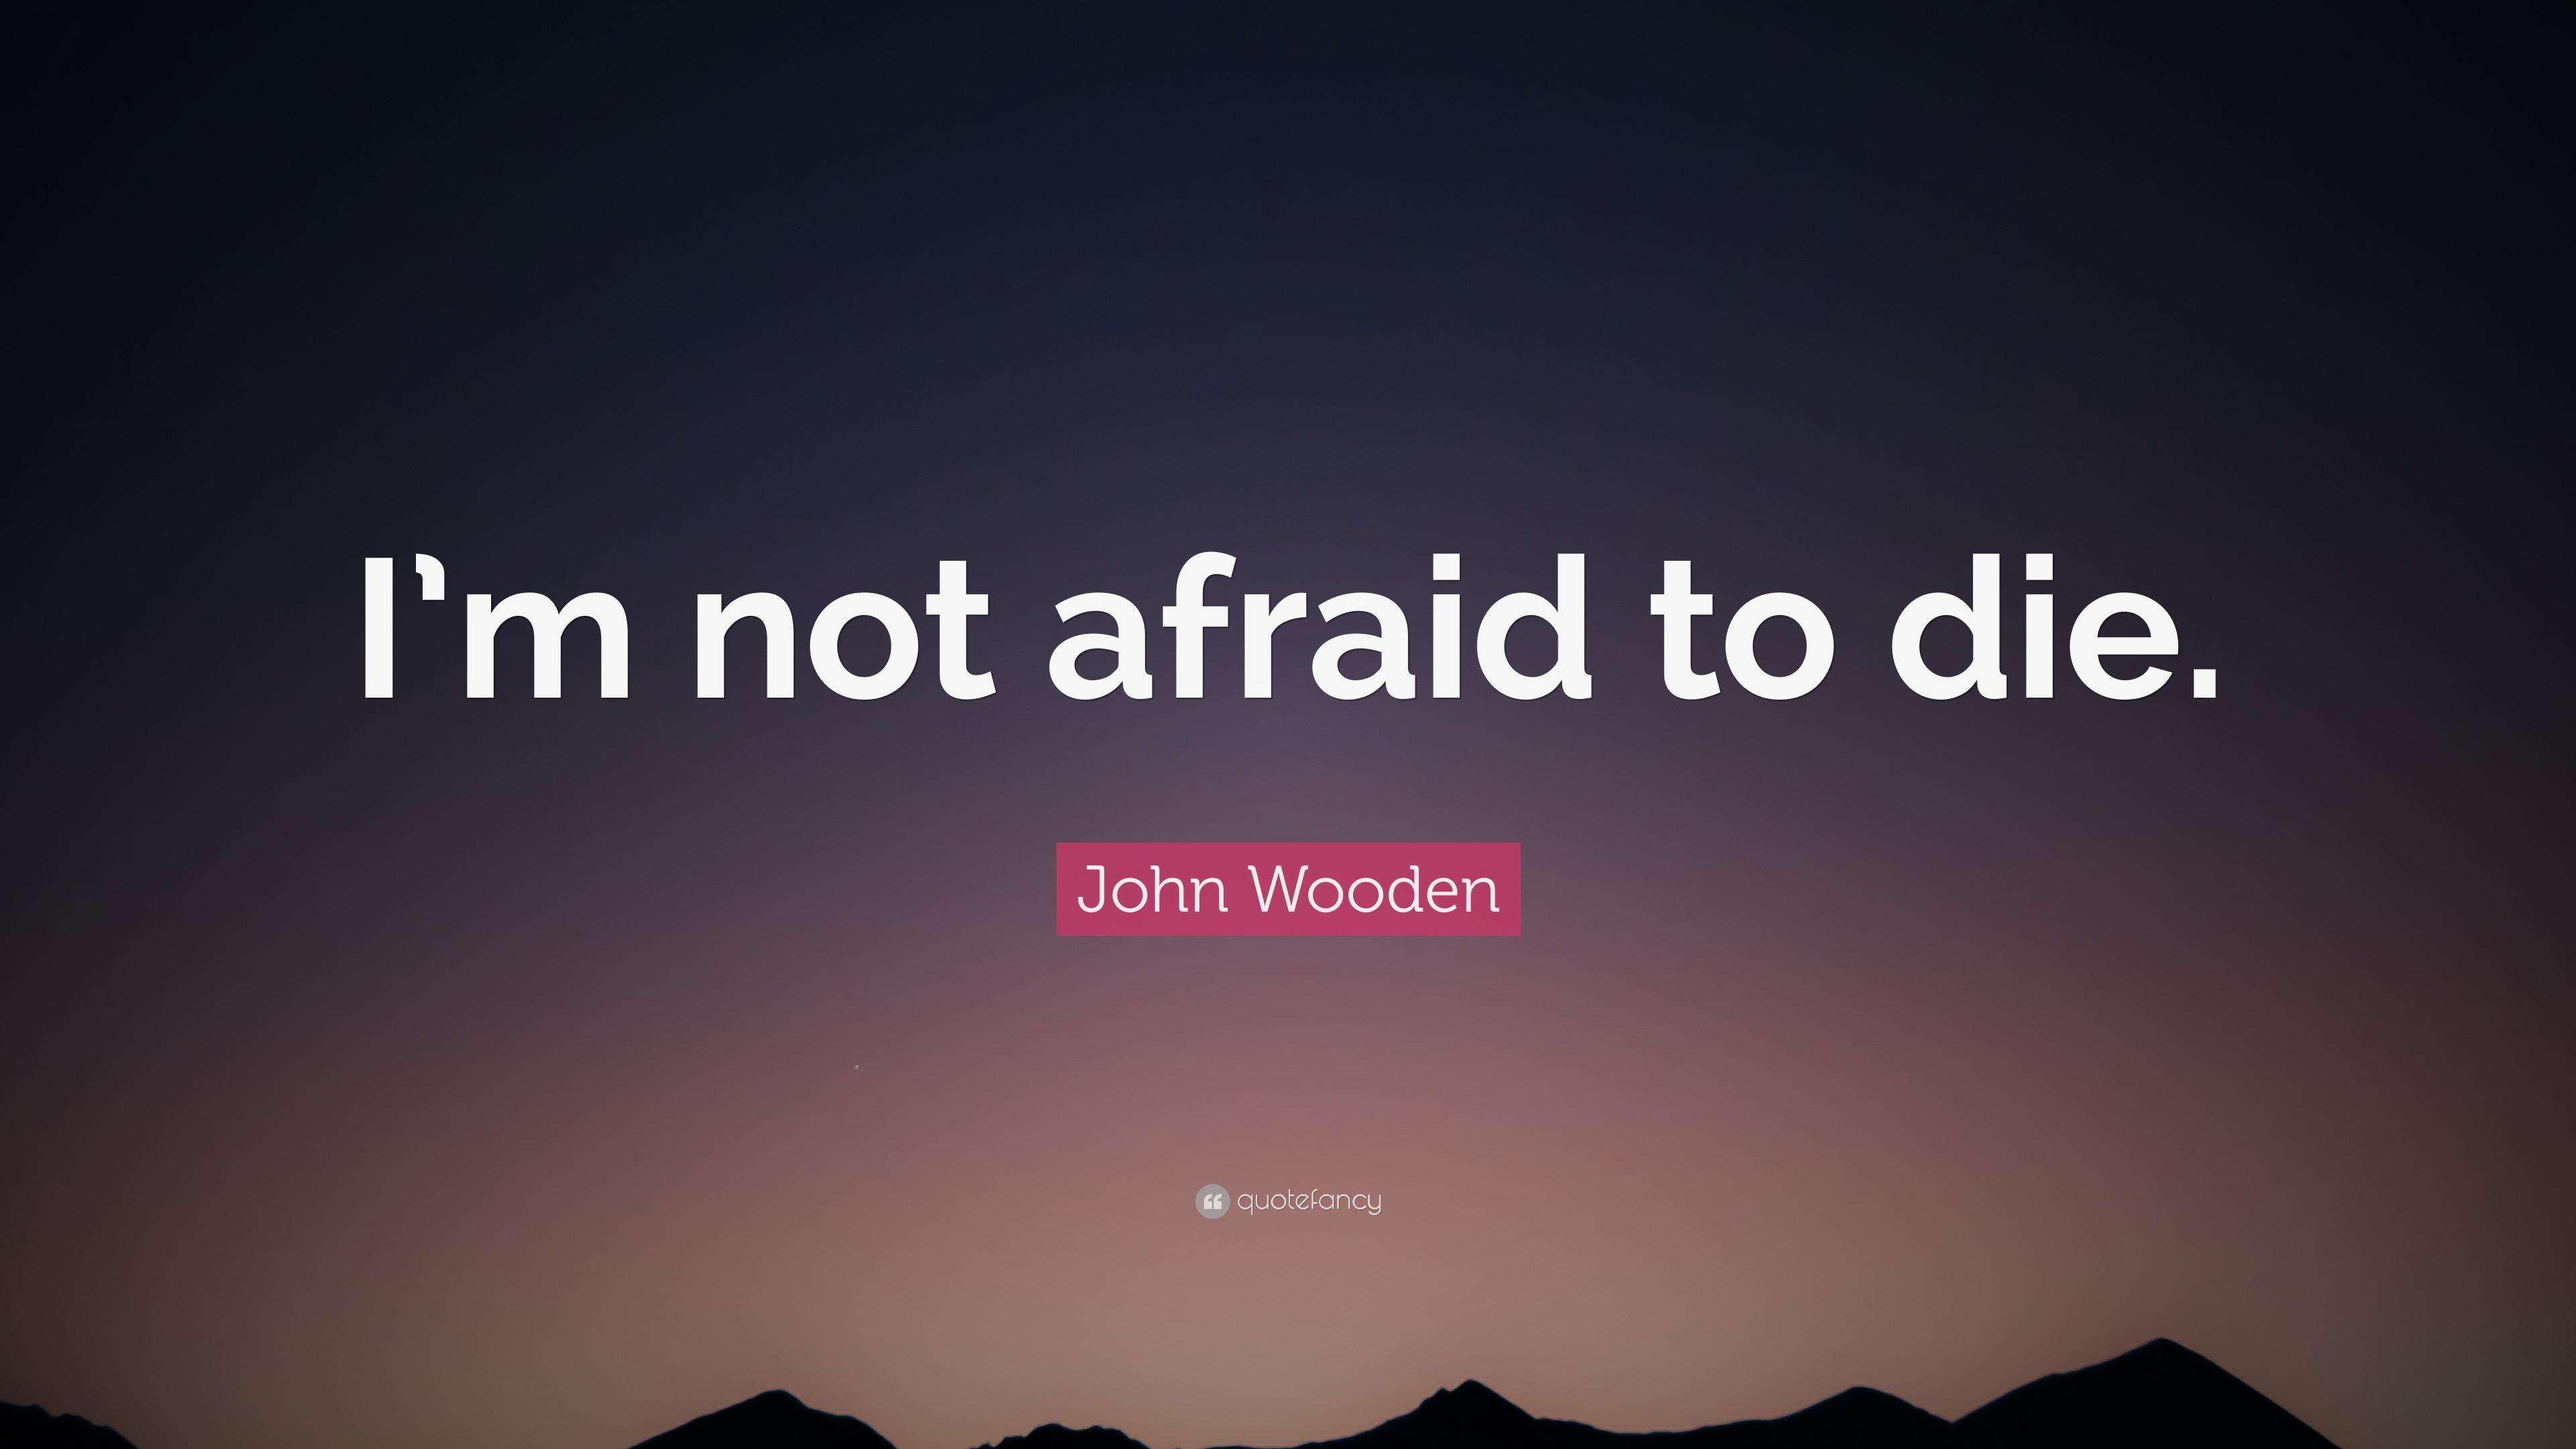 John Wooden Quotes (100 wallpapers) - Quotefancy